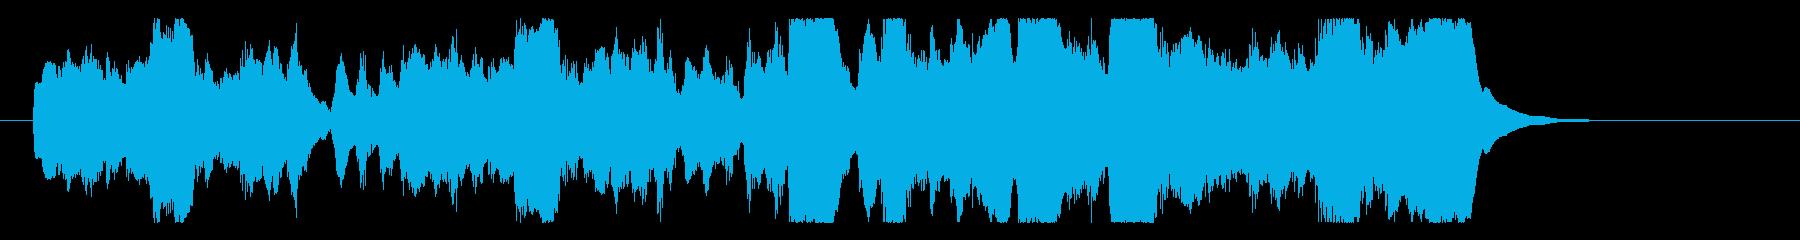 クラリネットのほのぼのオーケストラの再生済みの波形